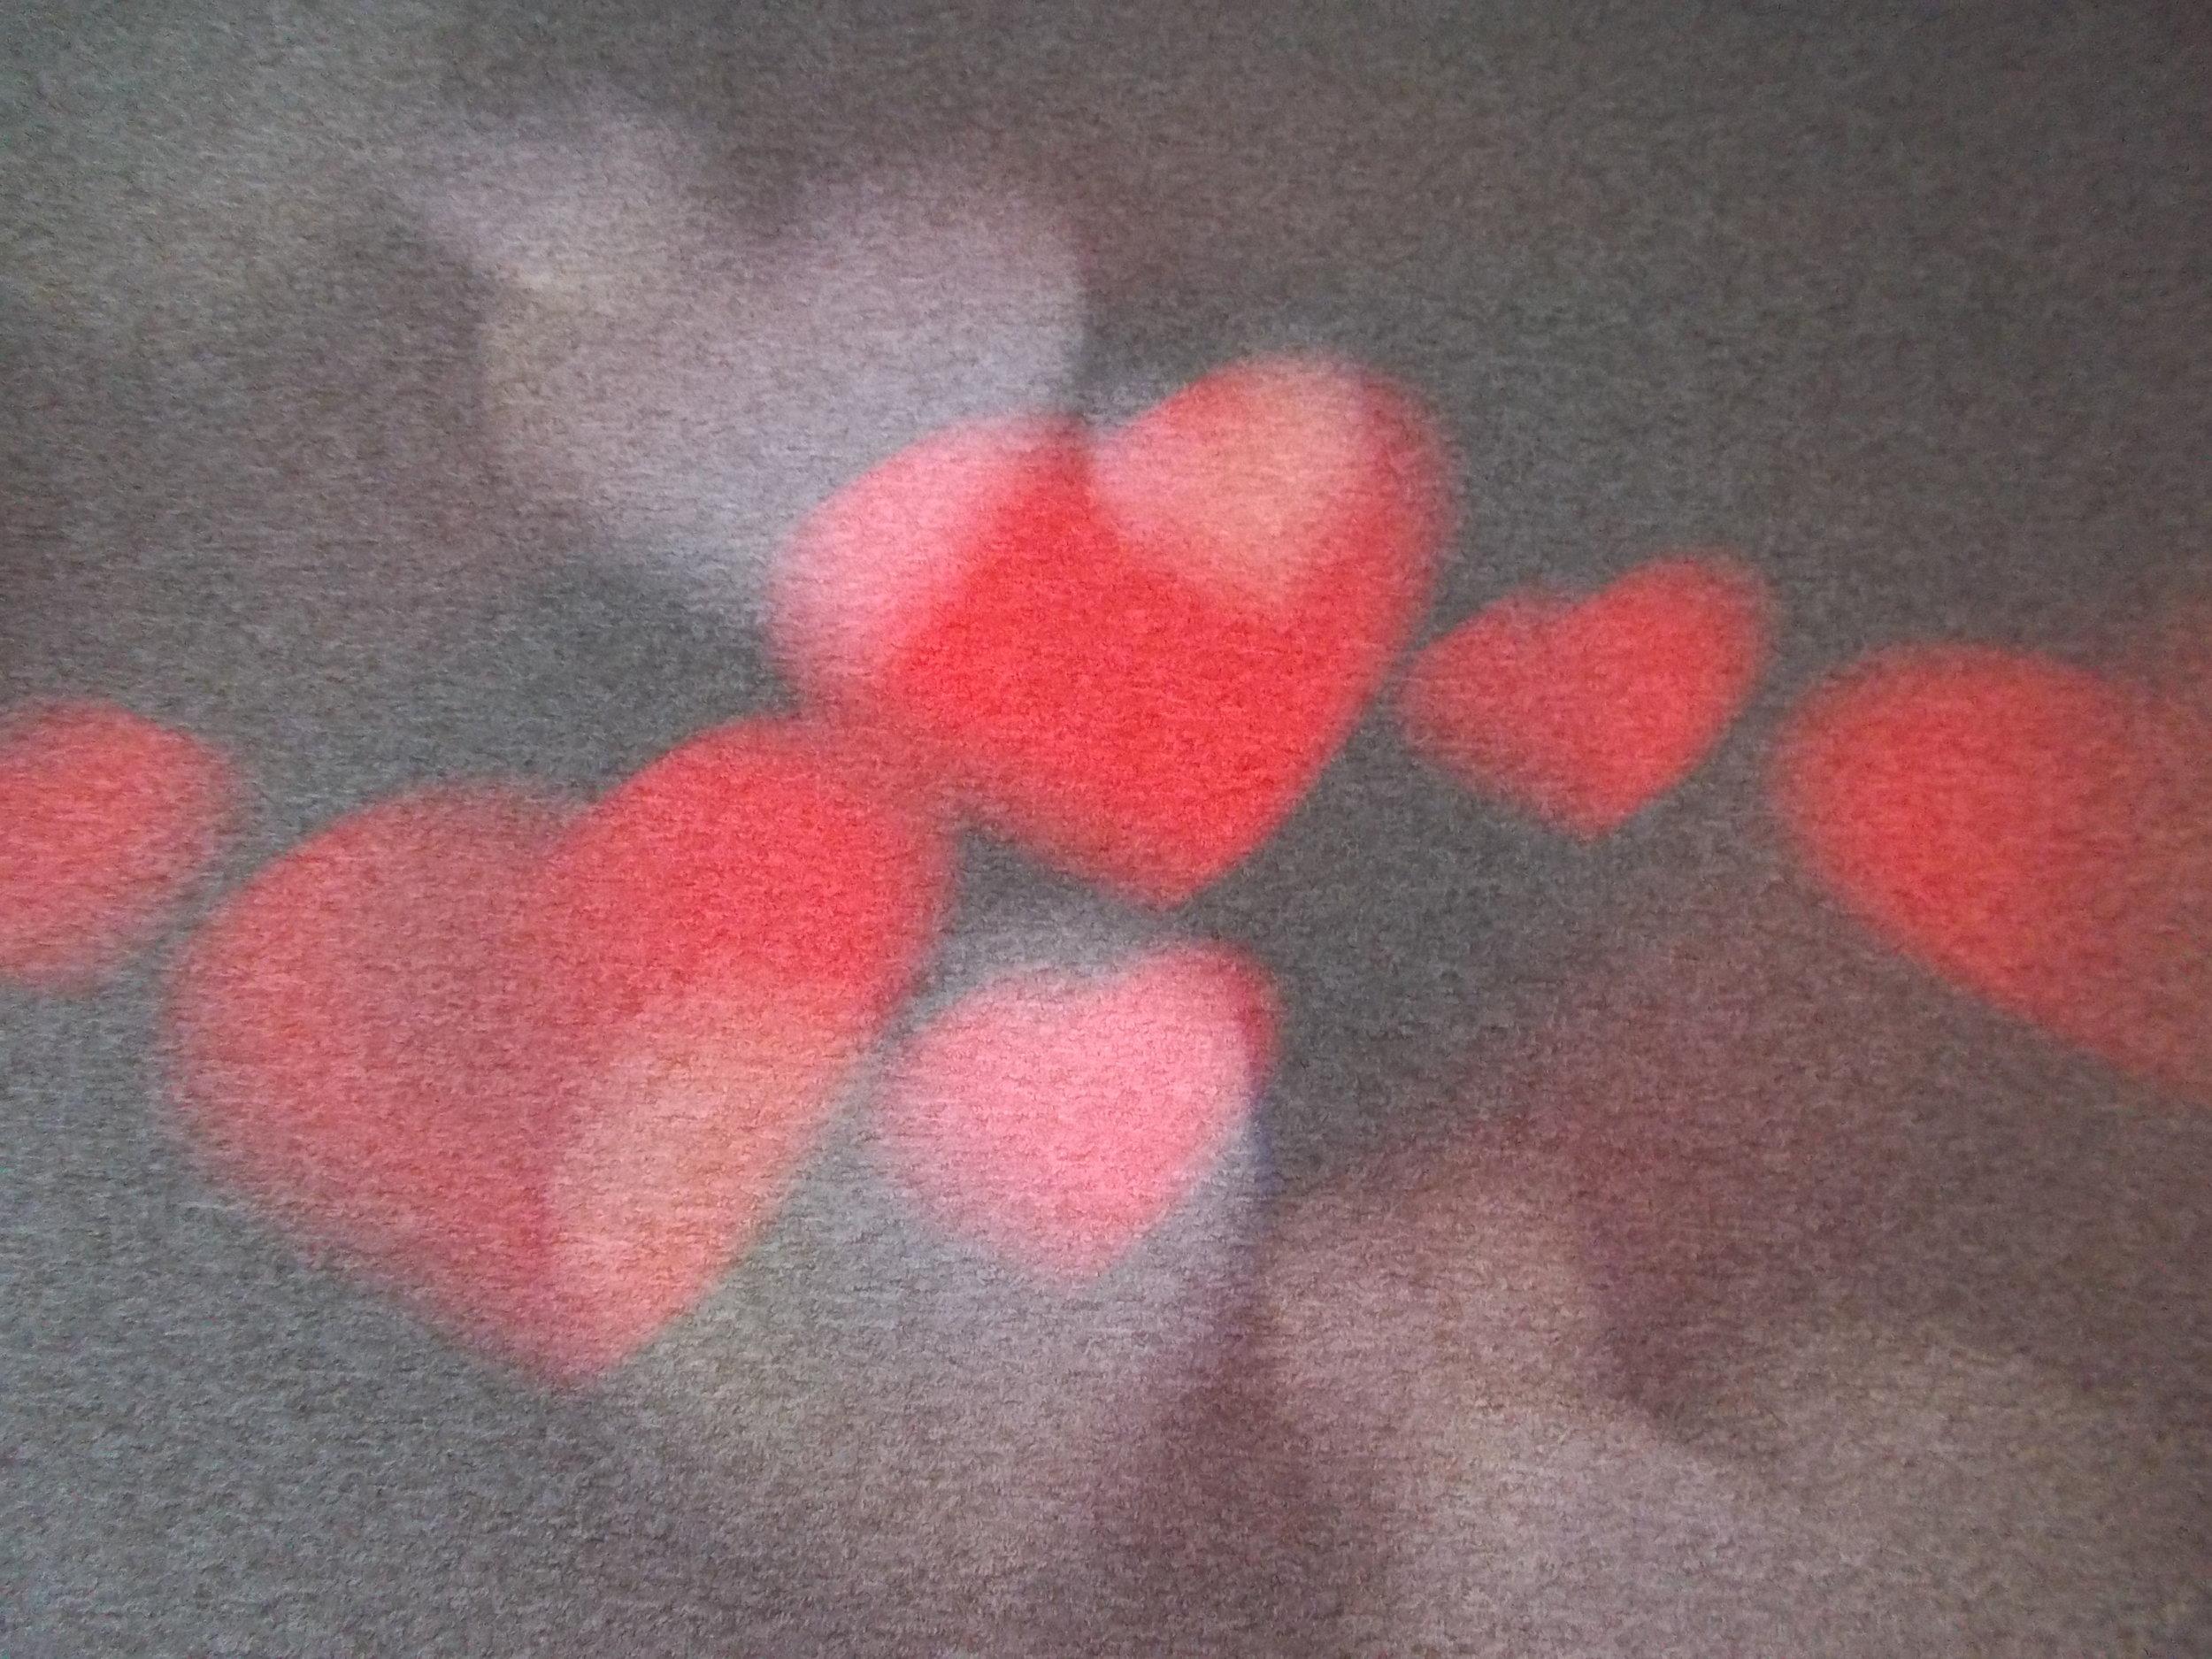 Heart_Sophie.JPG